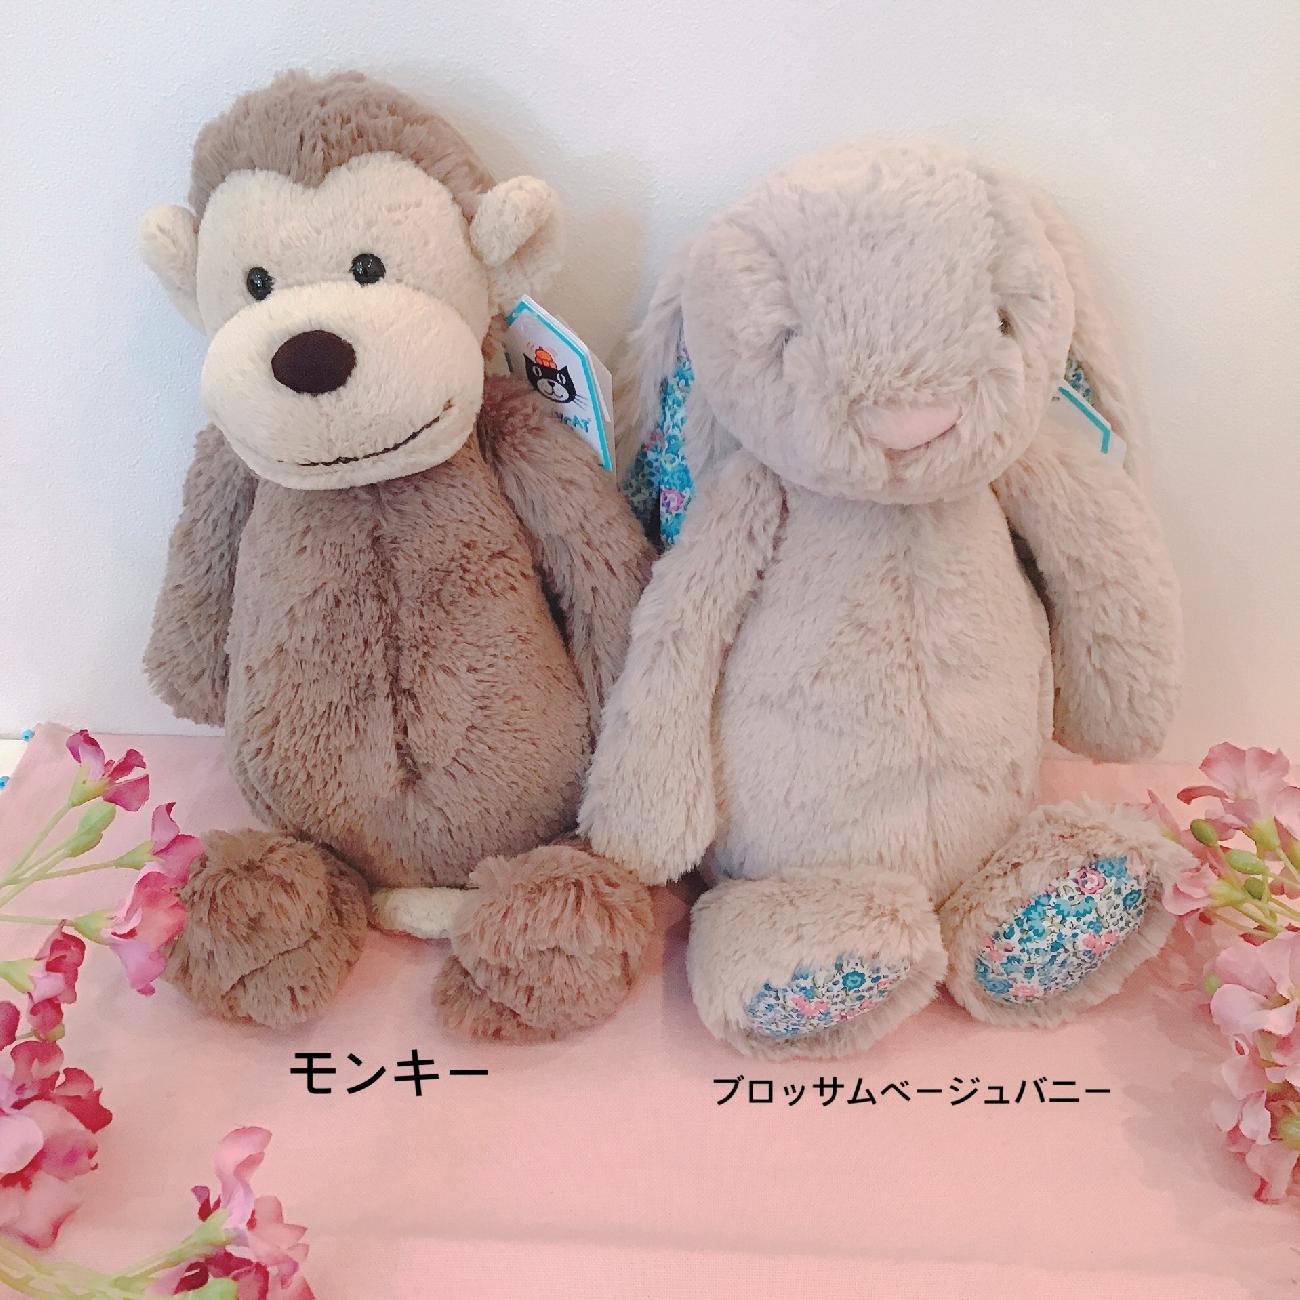 ジェリーキャット/ぬいぐるみ/出産祝い/アニバーサリー/ベビーギフト